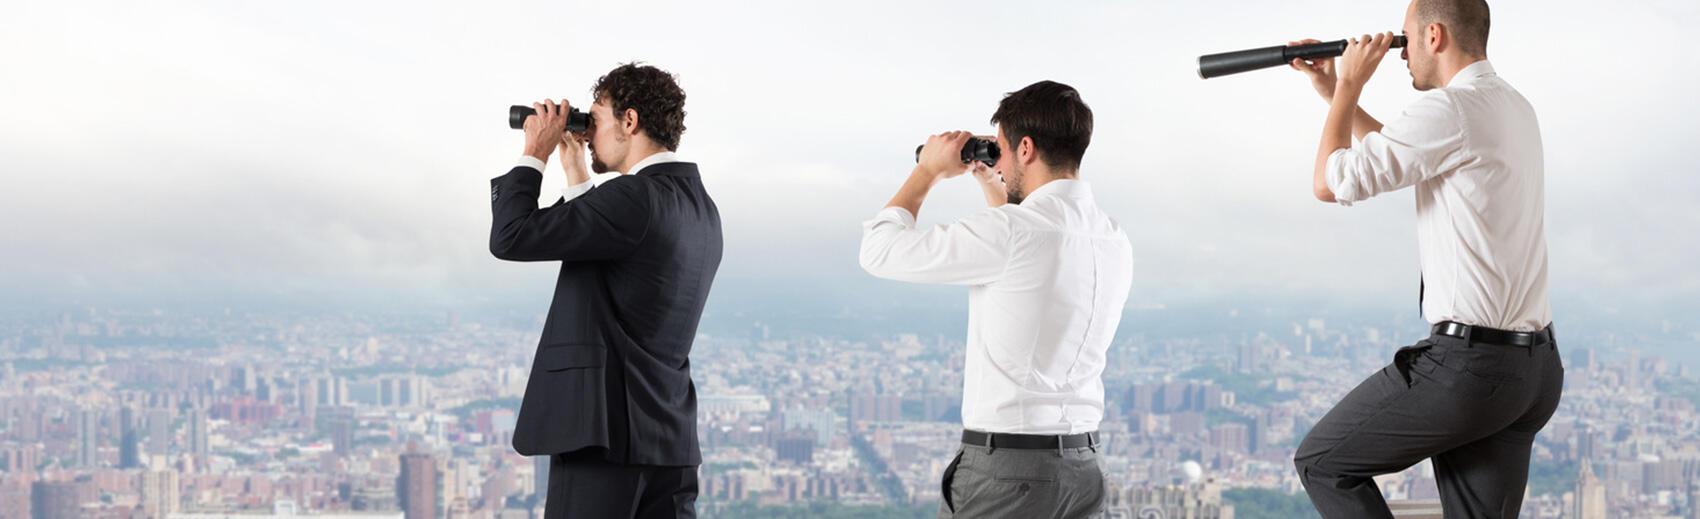 Analyse prospective et gestion prévisionnelle des emplois et des compétences